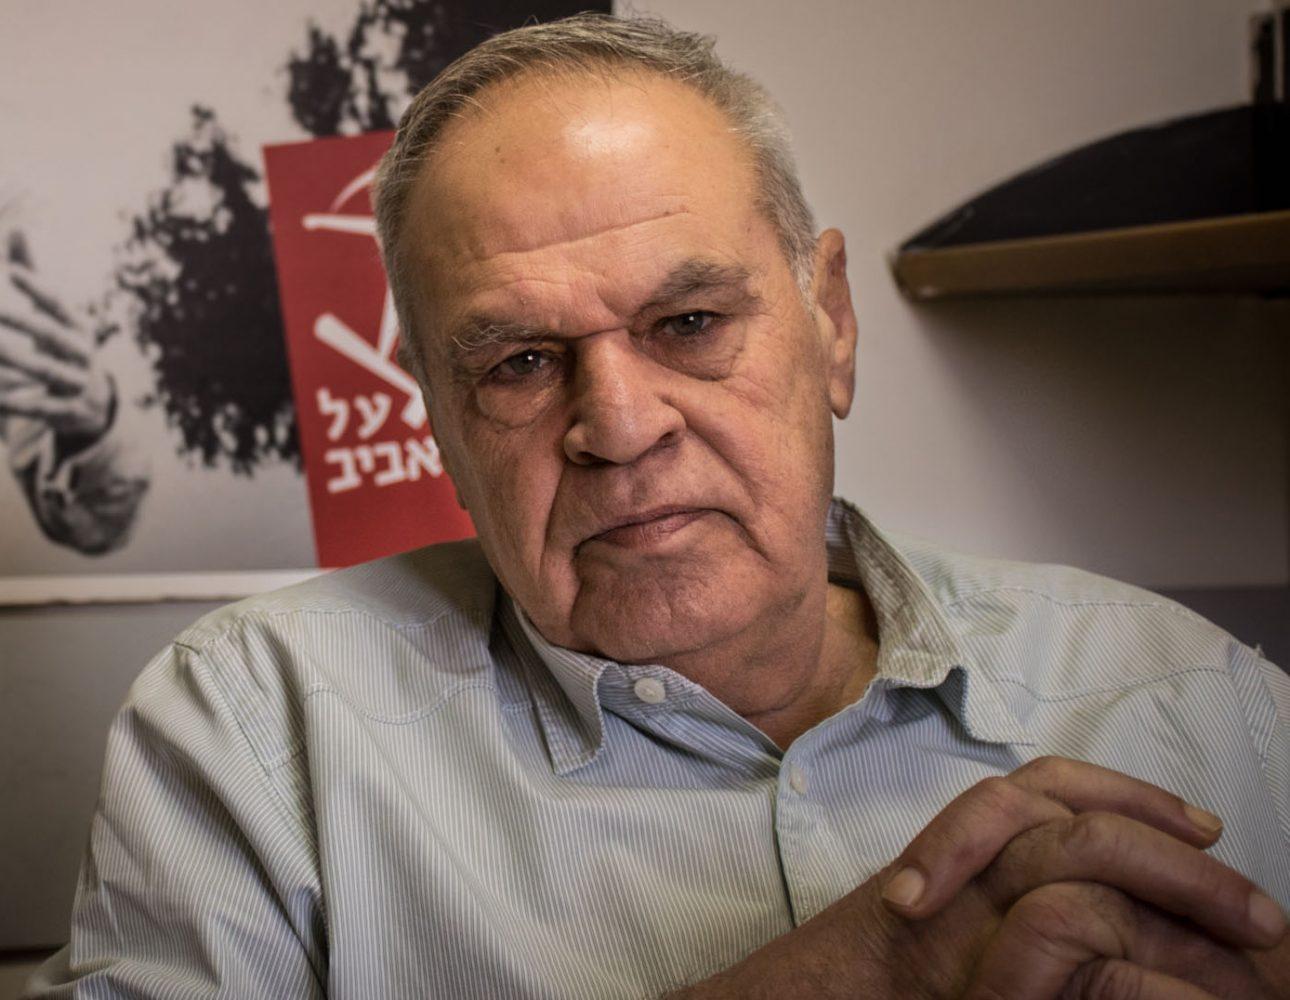 Roni Daniel katonai újságíró és kommentátor 73 éves korában elhunyt